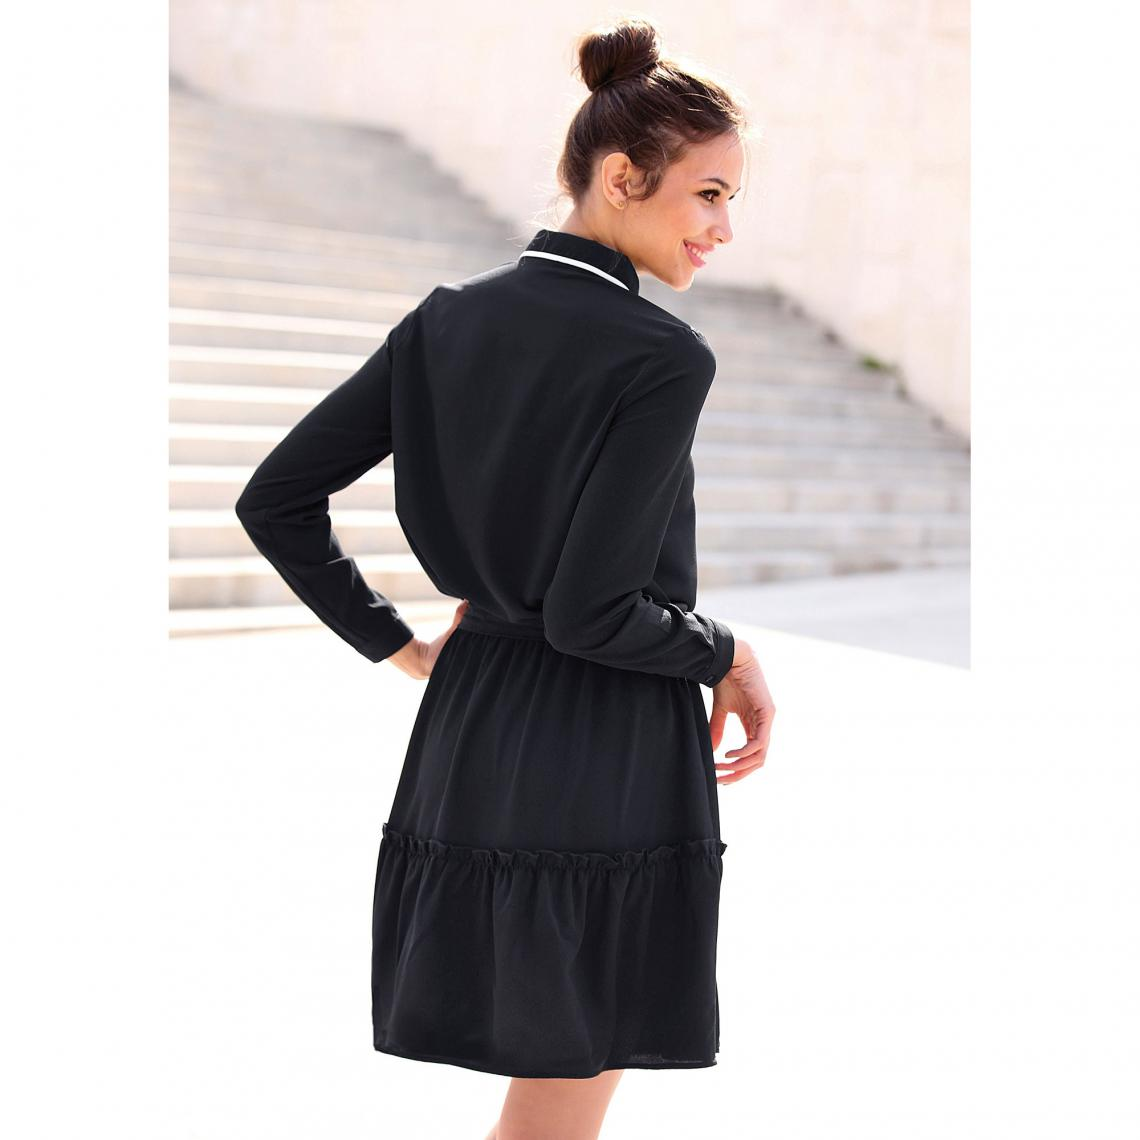 78eee568c37 Robe courte manches longues taille élastique et ceinture contrastée ...